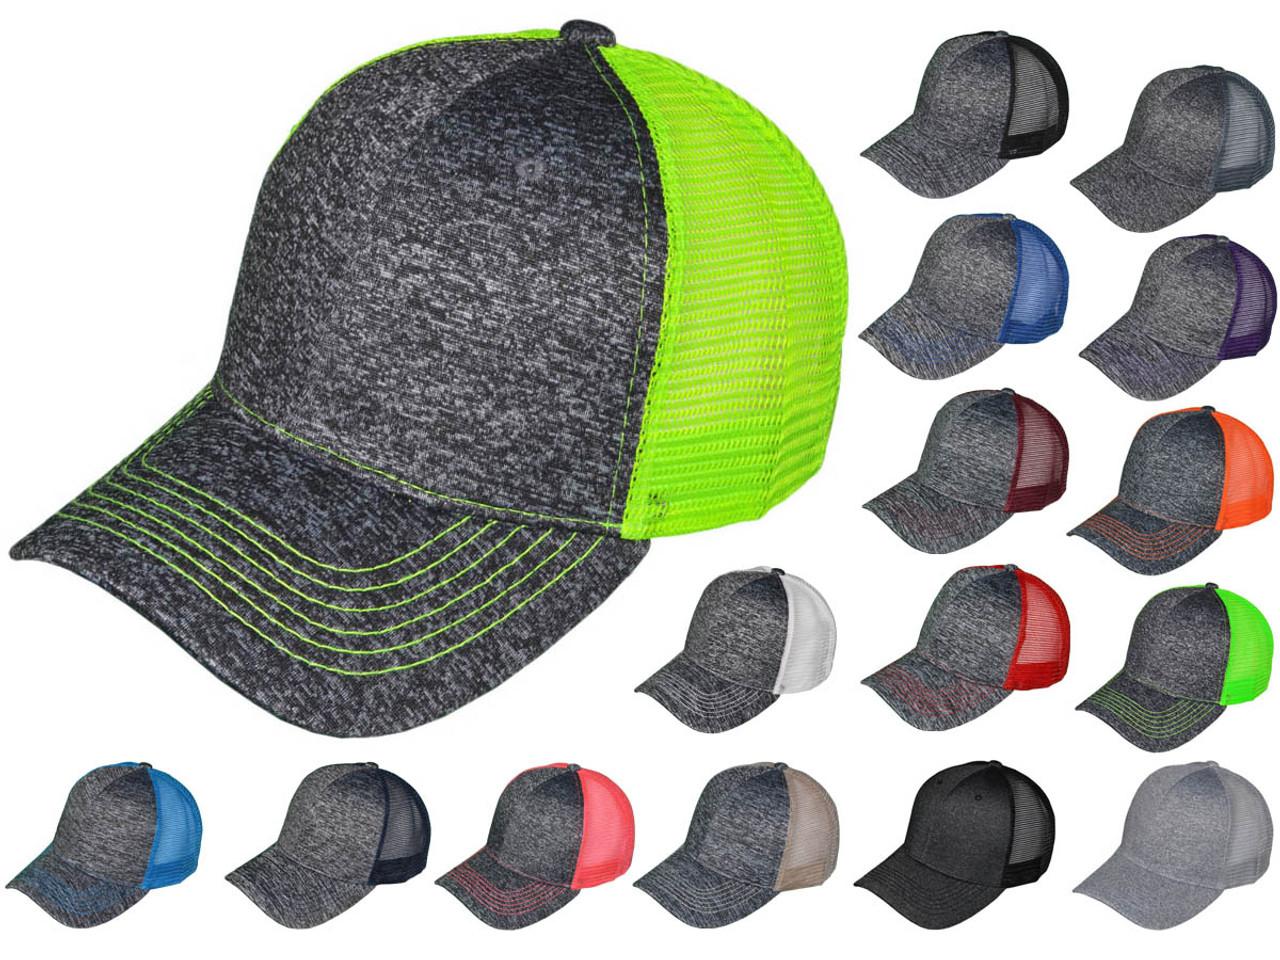 73de7fe8 Melange Trucker Hats - Structured Mesh 2 Tone BK Caps (16 Colors Available)  - 5215